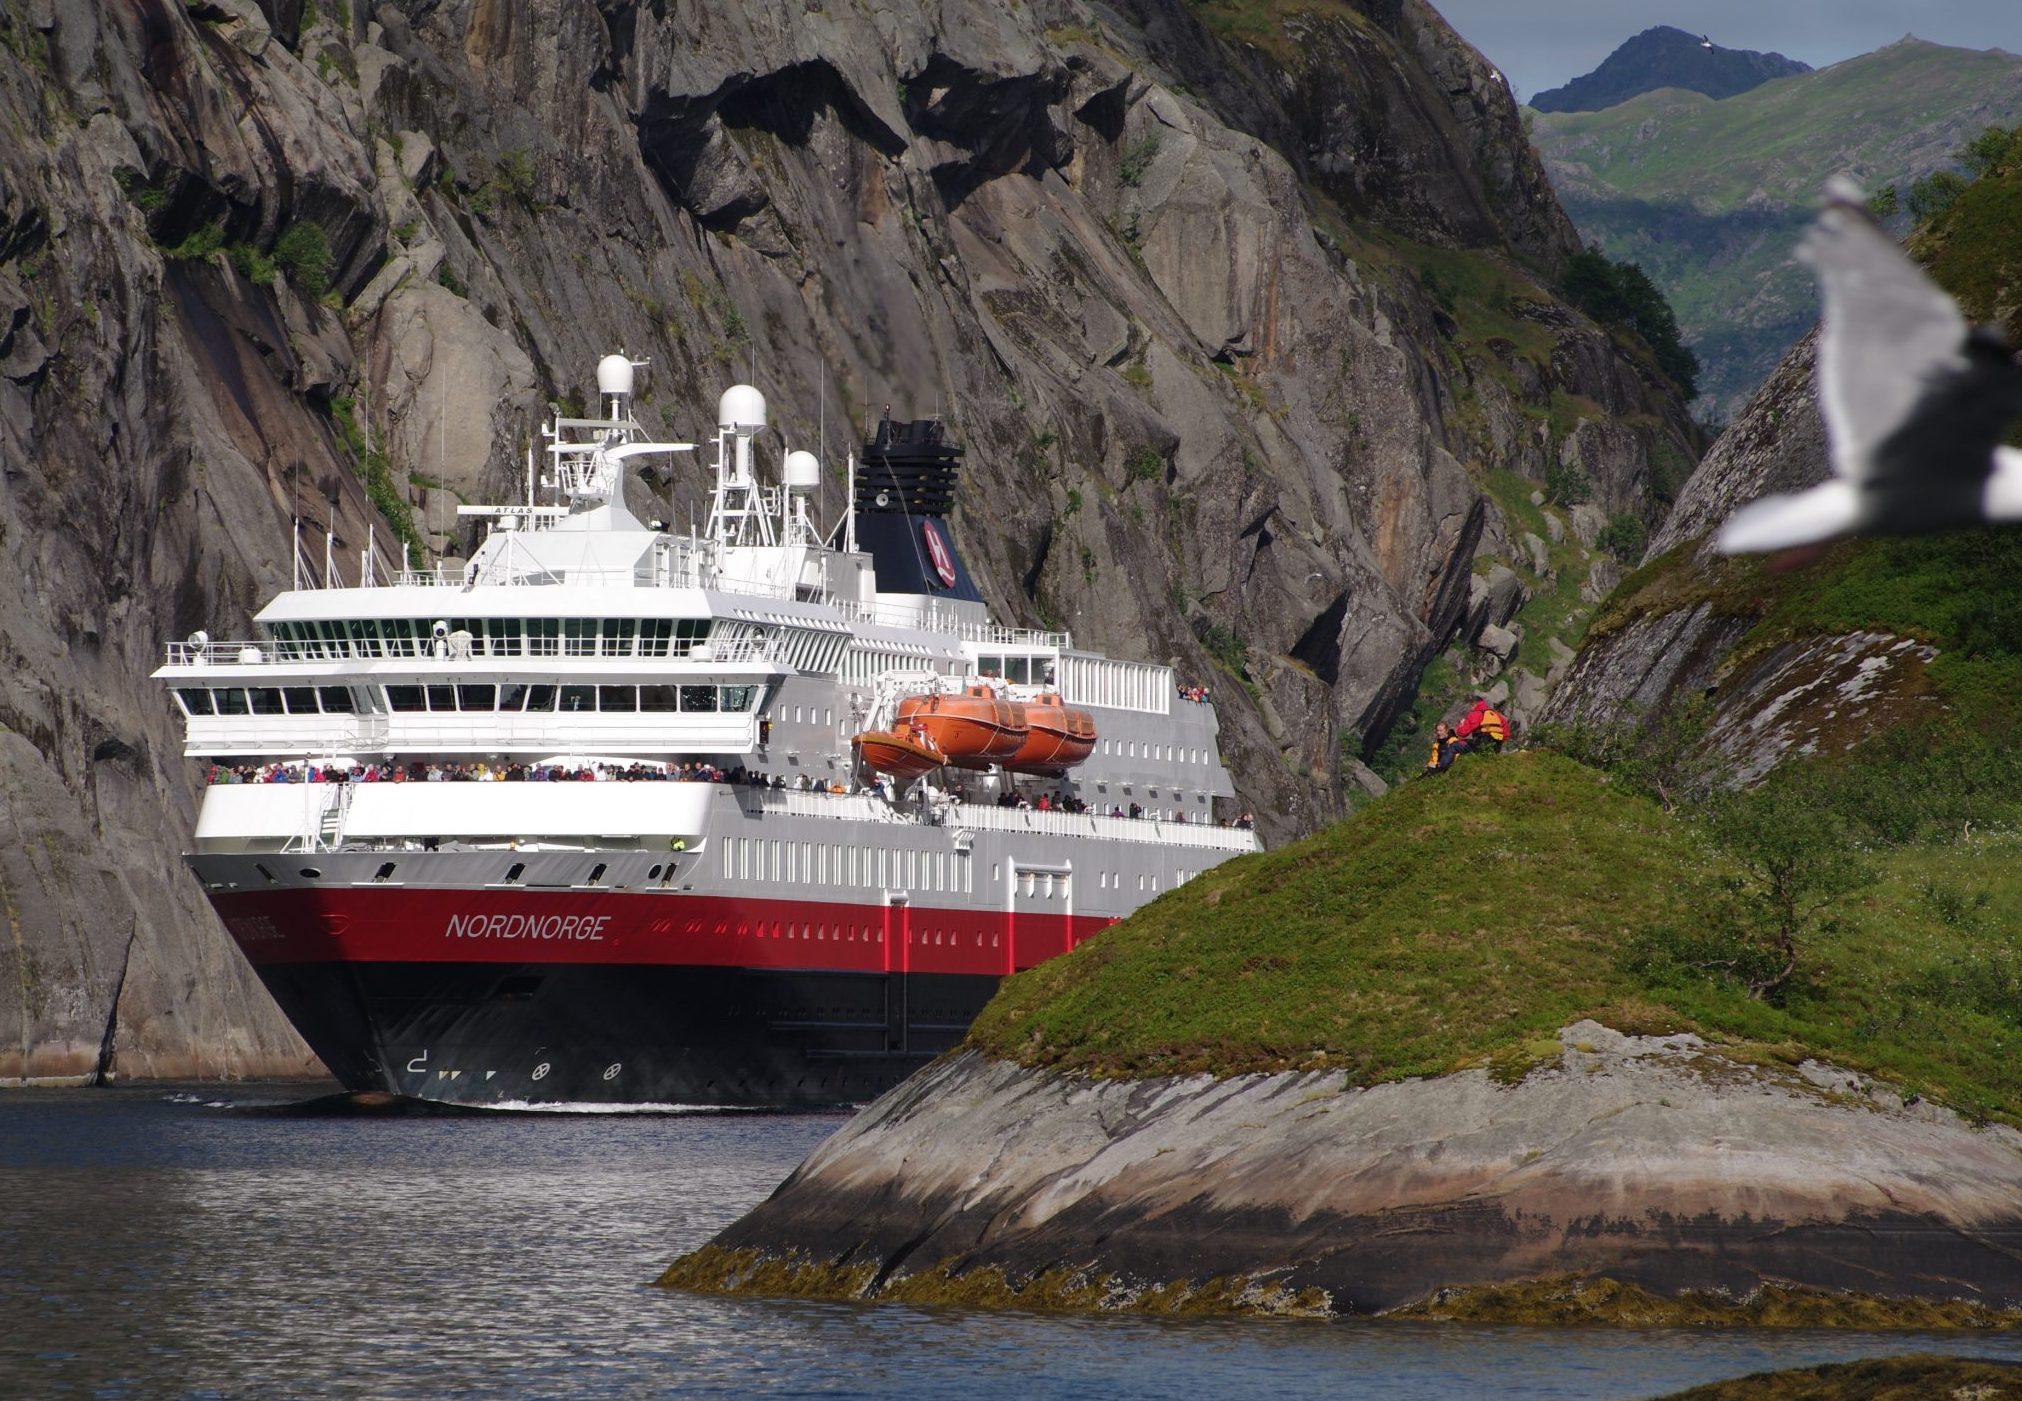 Hurtigruten håber snart igen at kunne medtage udenlandske passagerer på sin rute mellem Bergen og Kirkenes, for eksempel med skibet MS Nordnorge. Foto: Ulf Hansson for Hurtigruten.